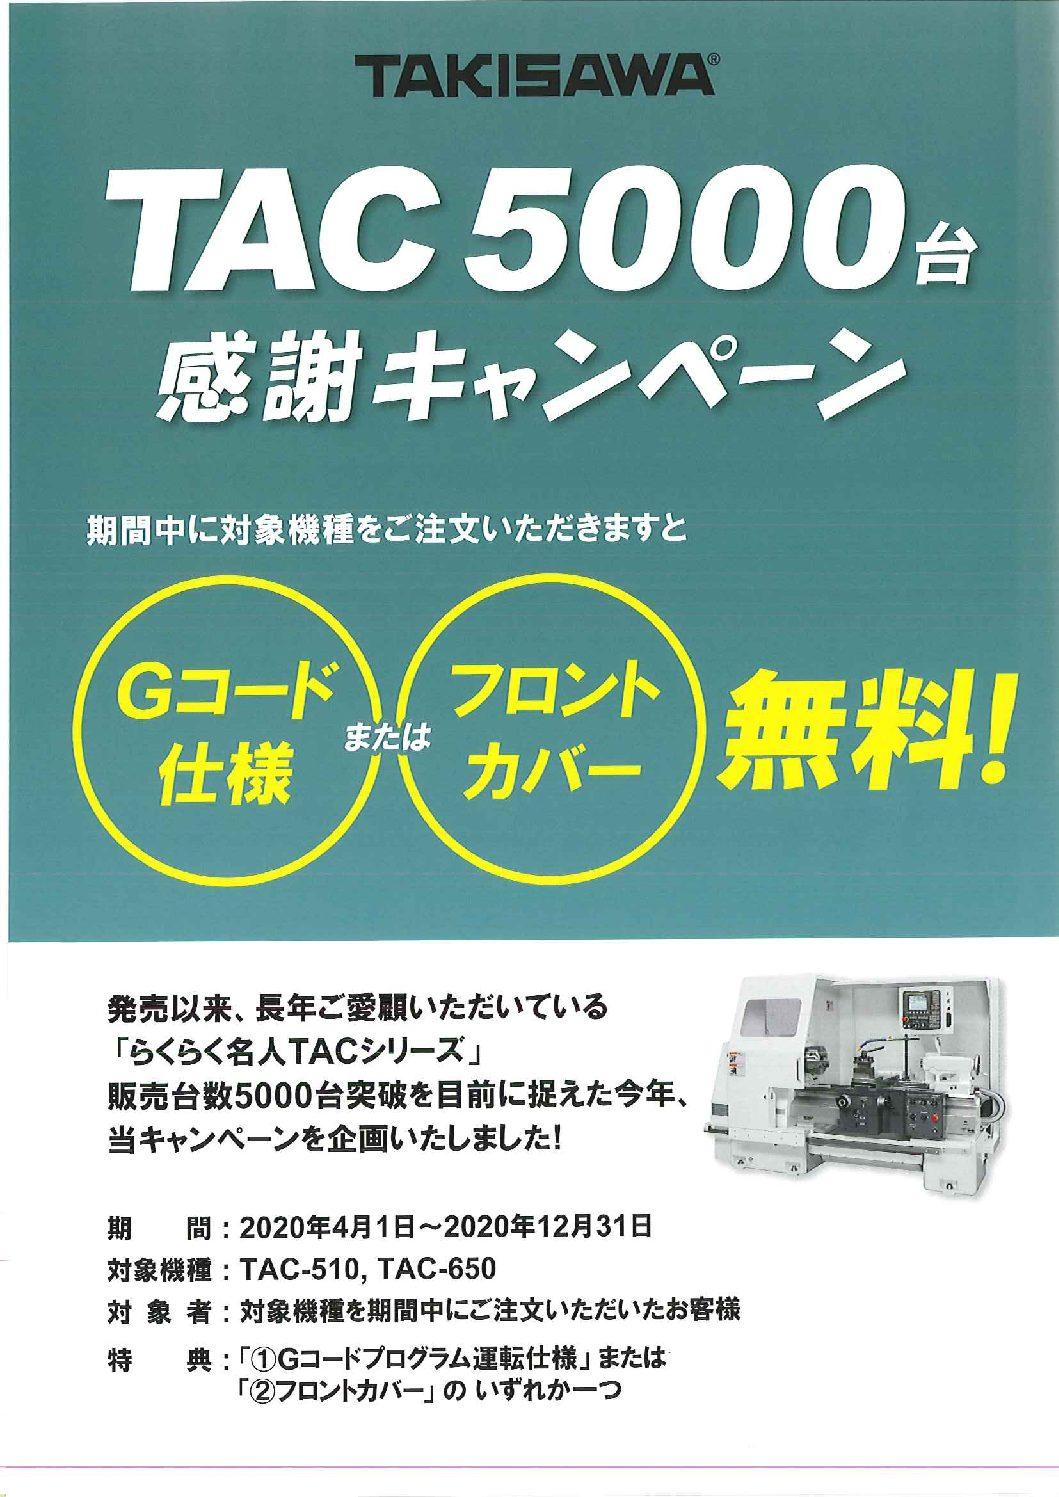 TAC650L10